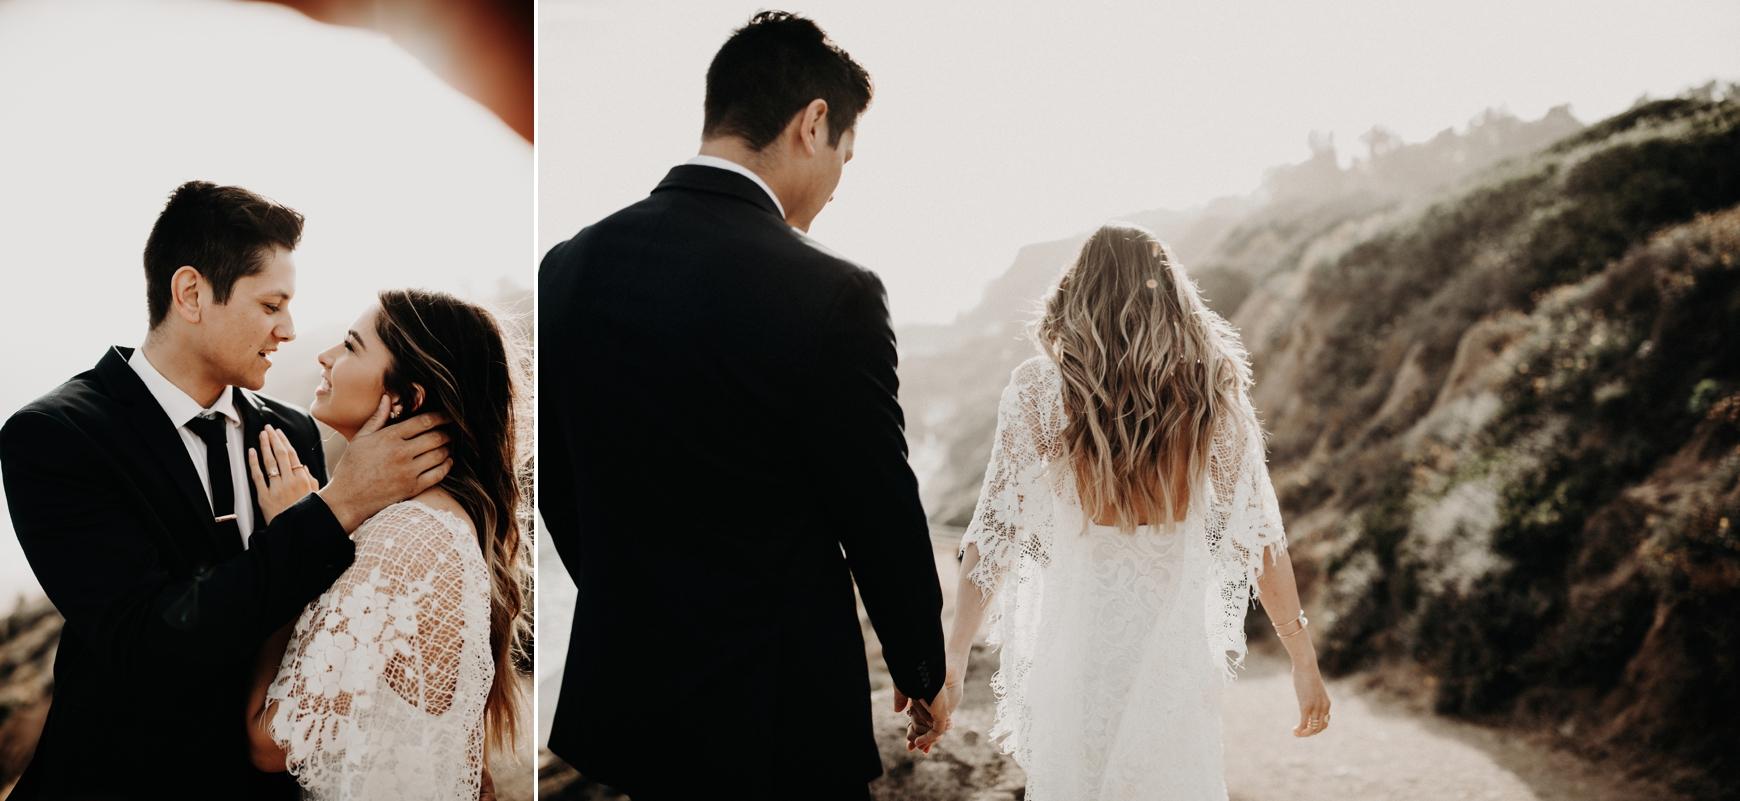 El Matador Beach Bridal Portraits Justellen & TJ Emily Magers Photography-50Emily Magers Photography.jpg